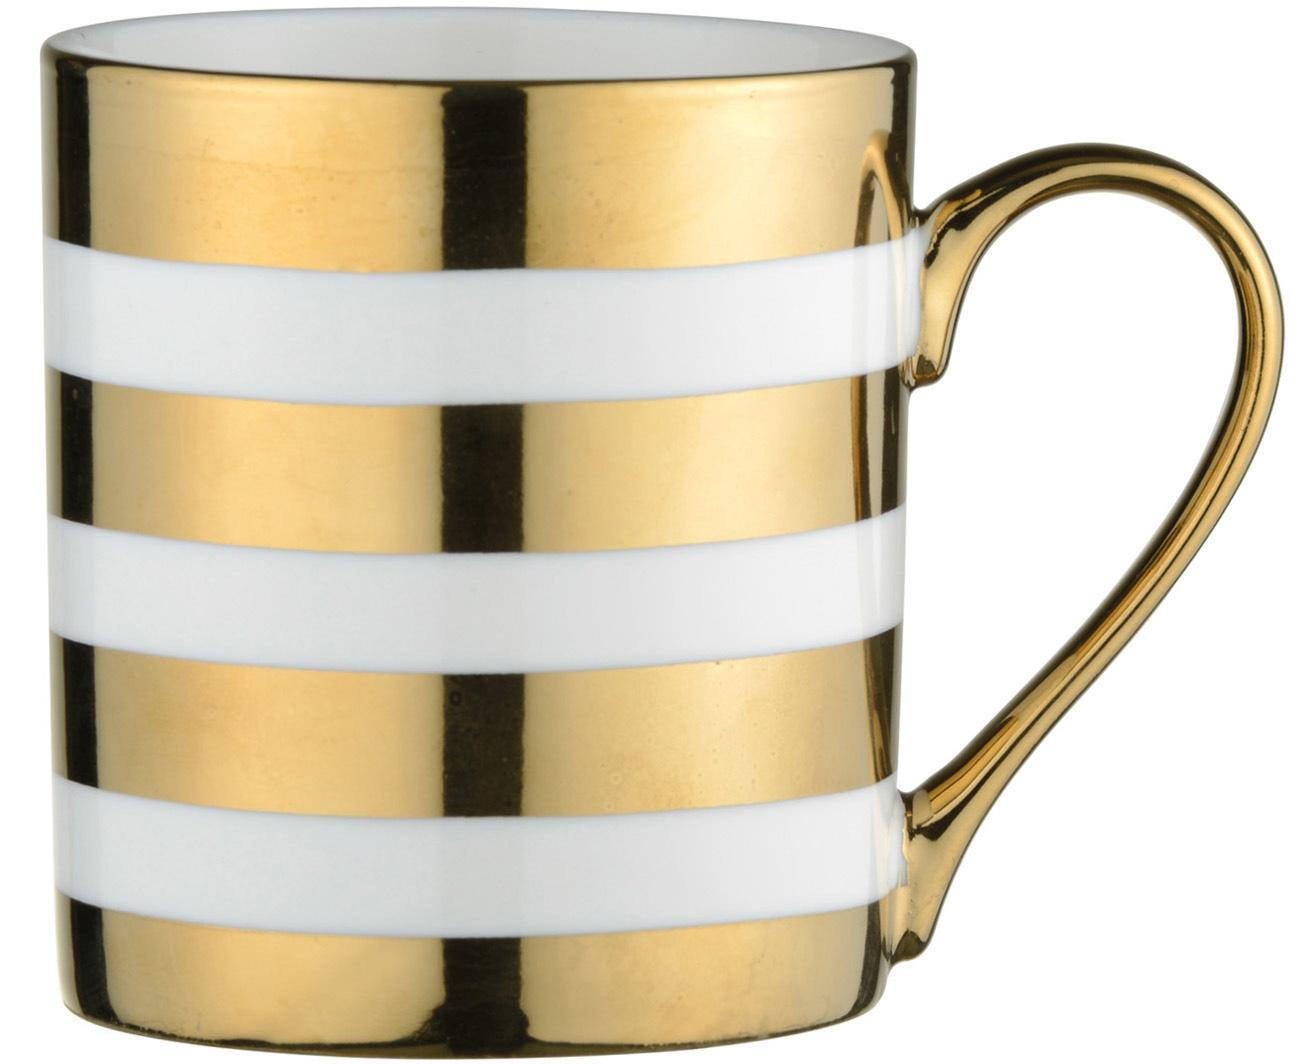 Tazas Stripes, 4uds., Porcelana, Blanco, dorado, Ø 9 x Al 10 cm